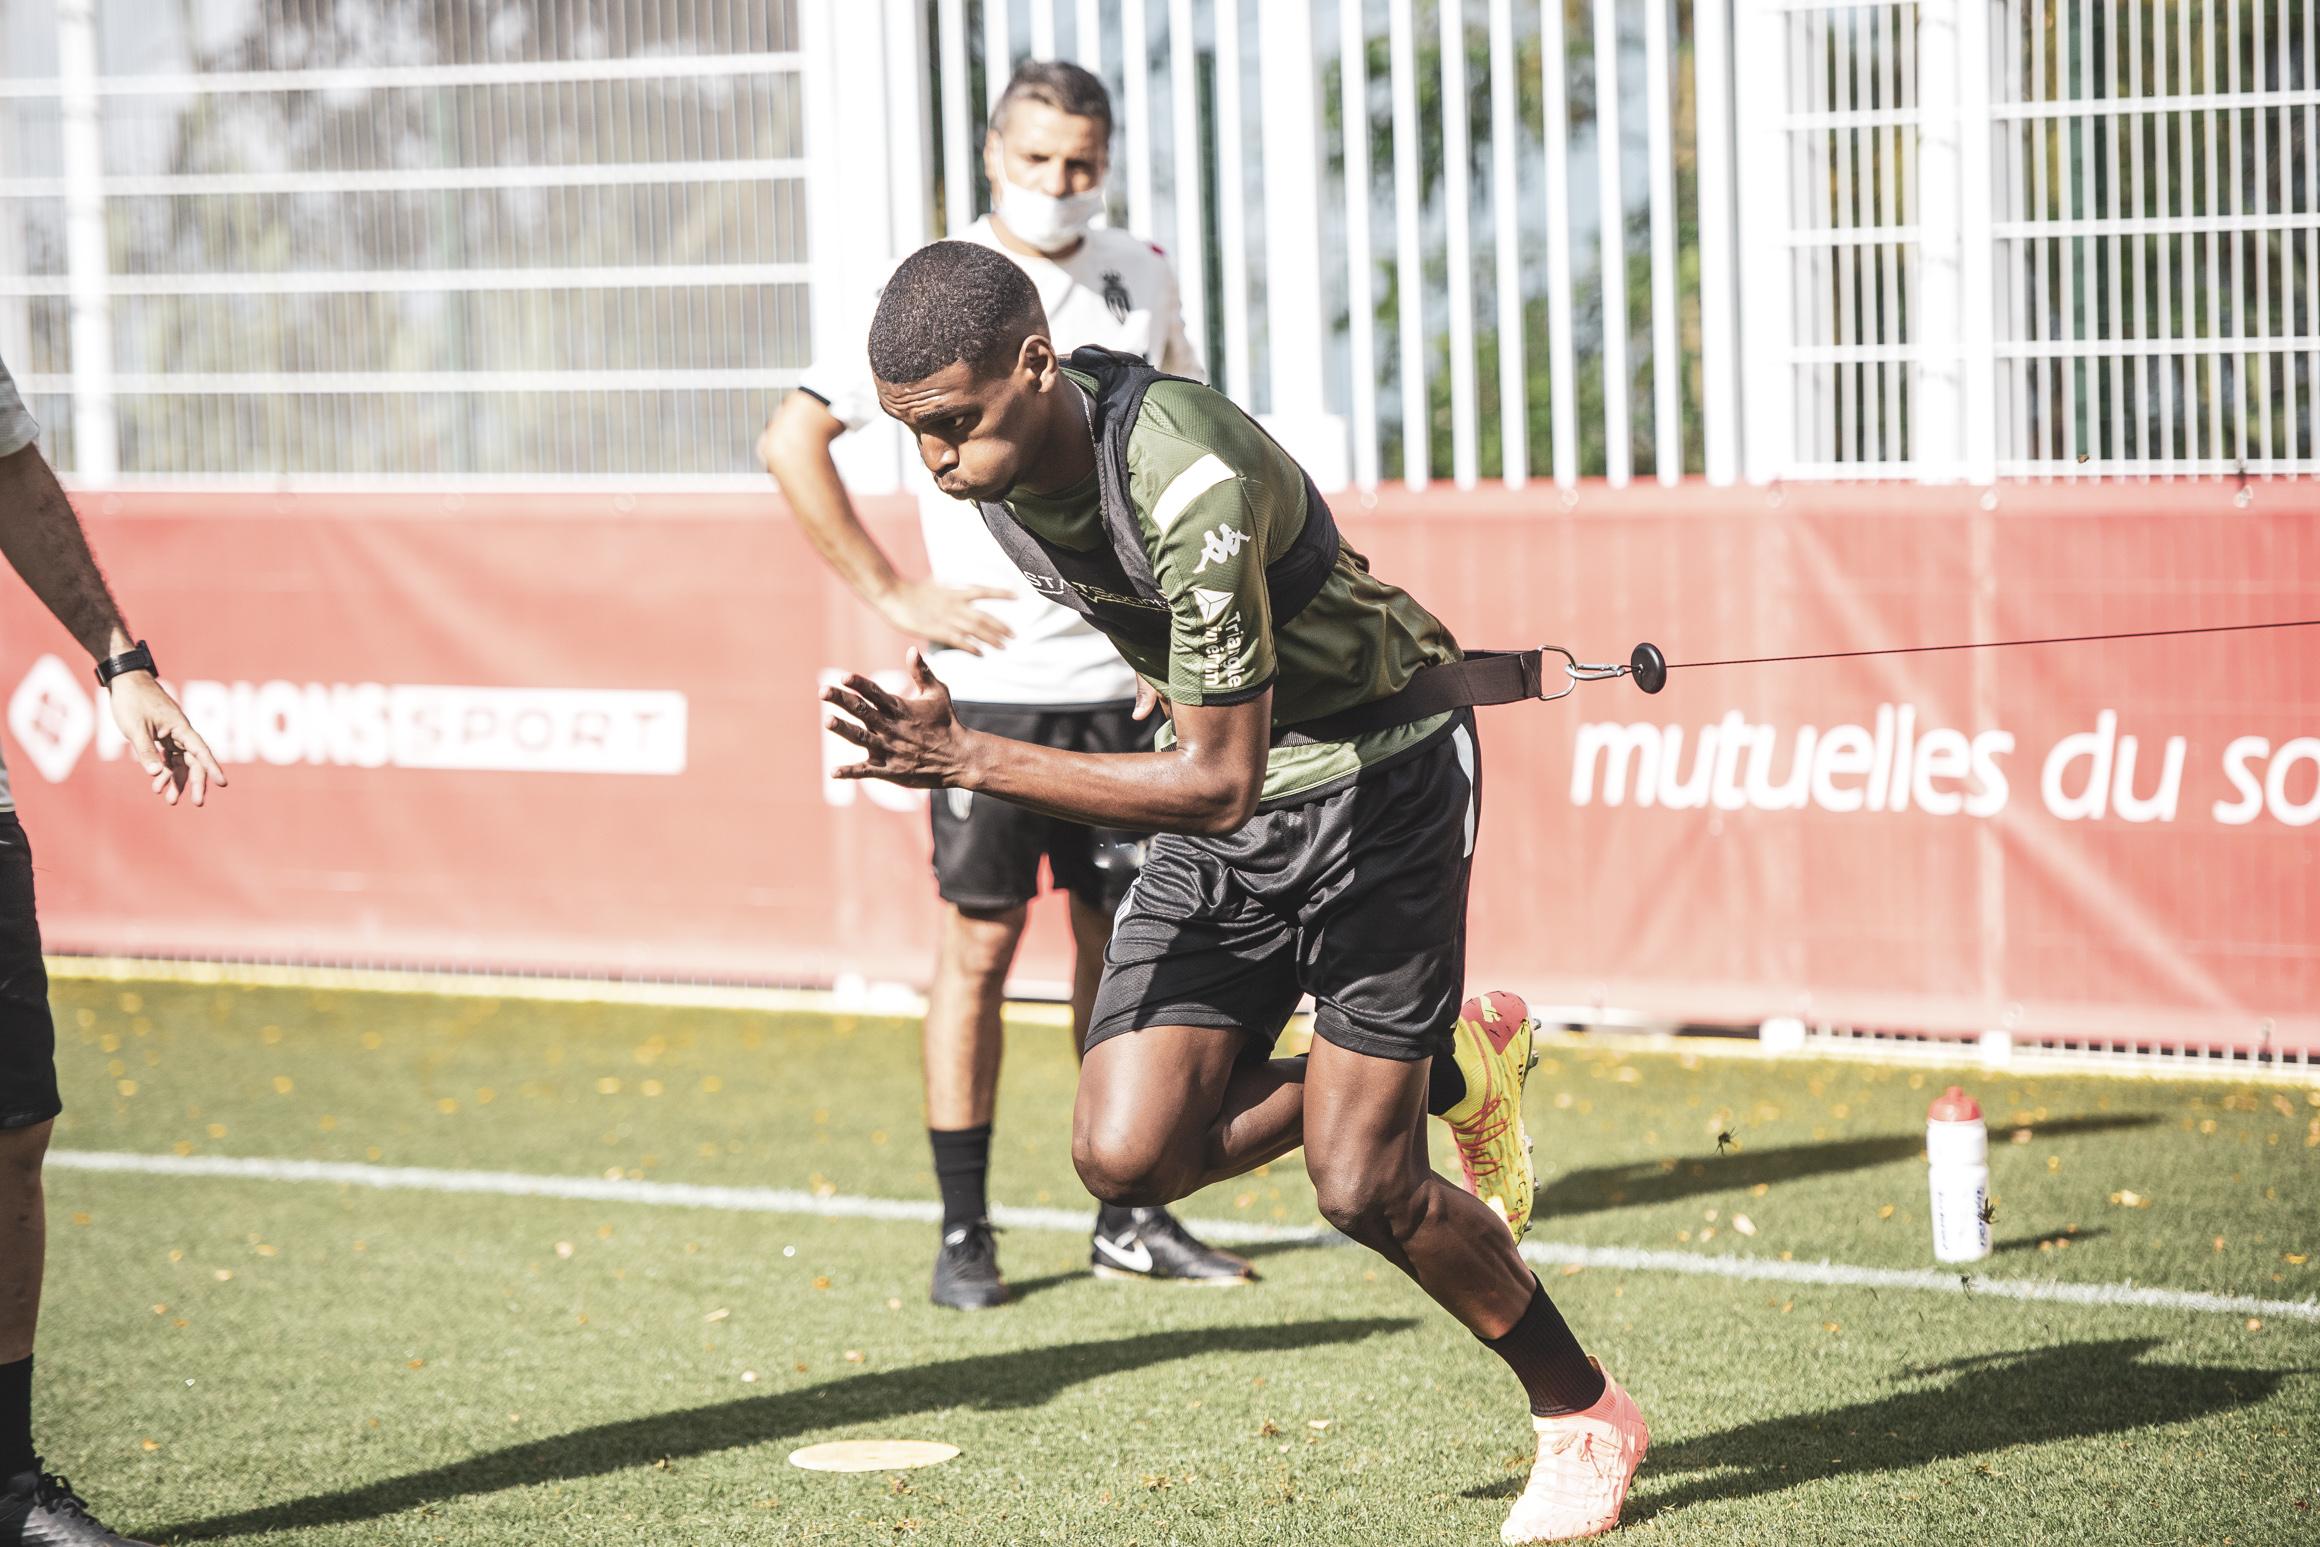 موناكو يعود للتدريبات أكثر قوة وحماس استعداد للدوري الفرنسي (4)